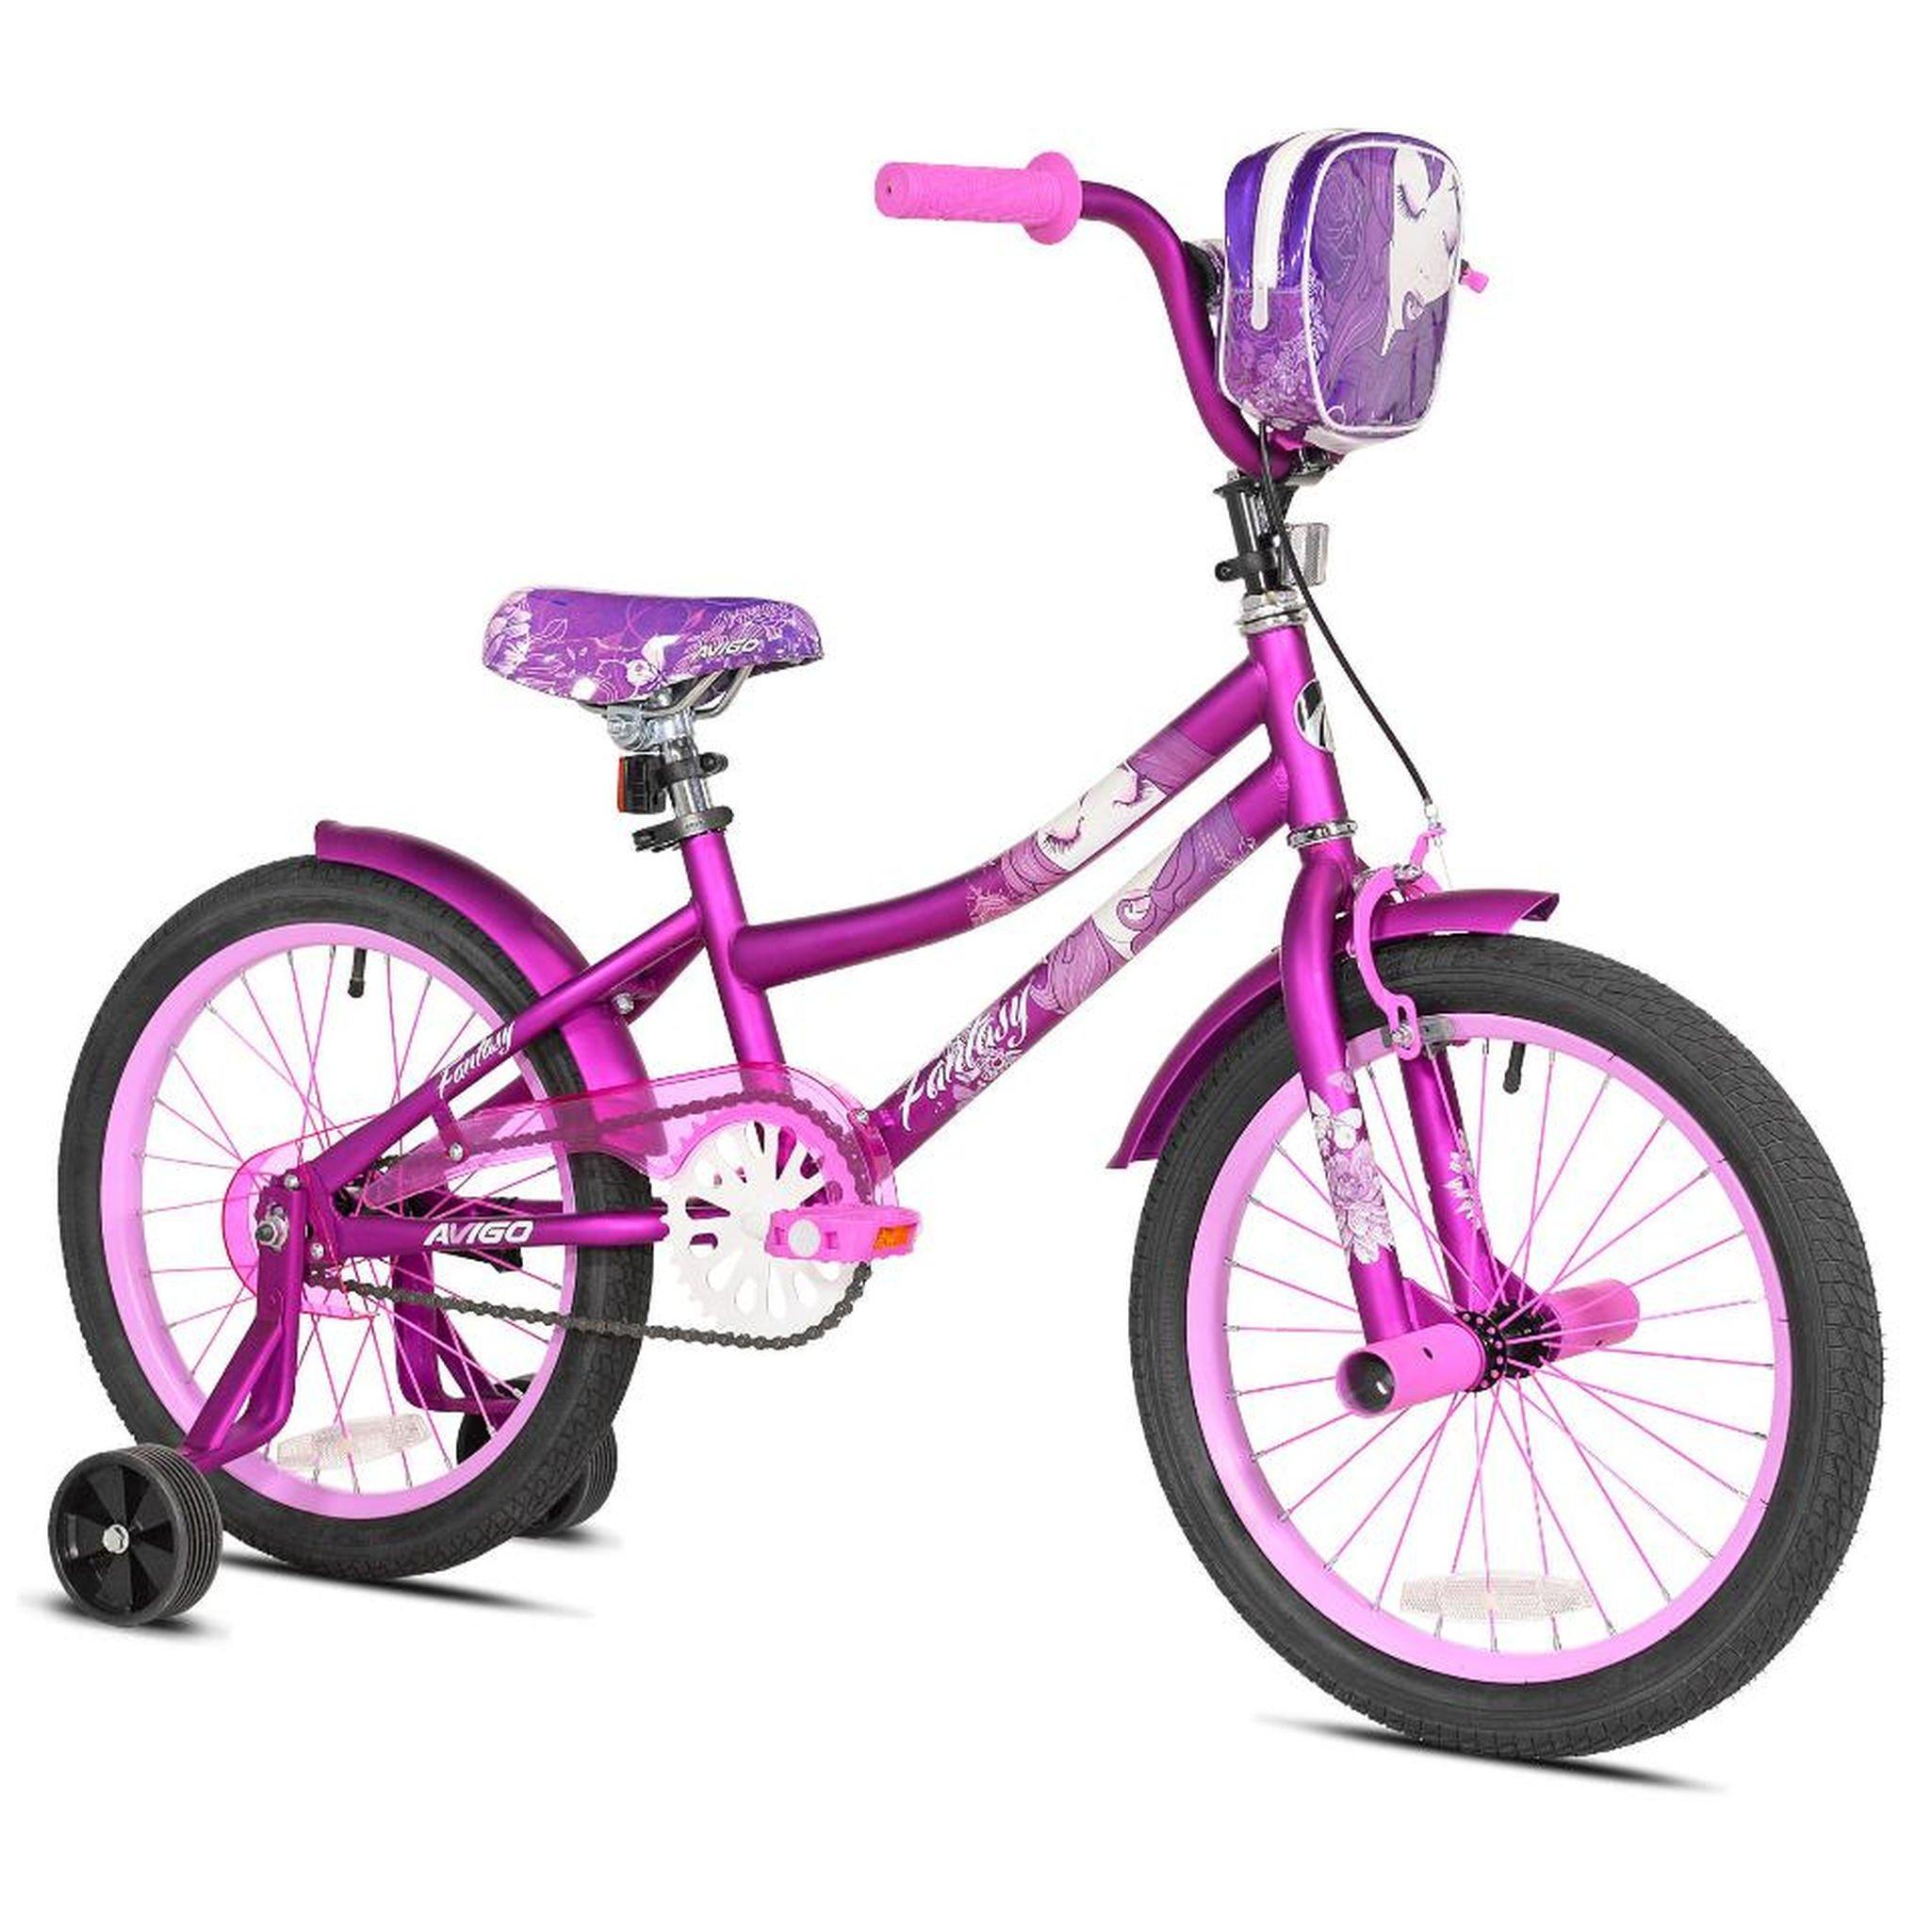 Girls 18 inch Avigo Fantasy Bike